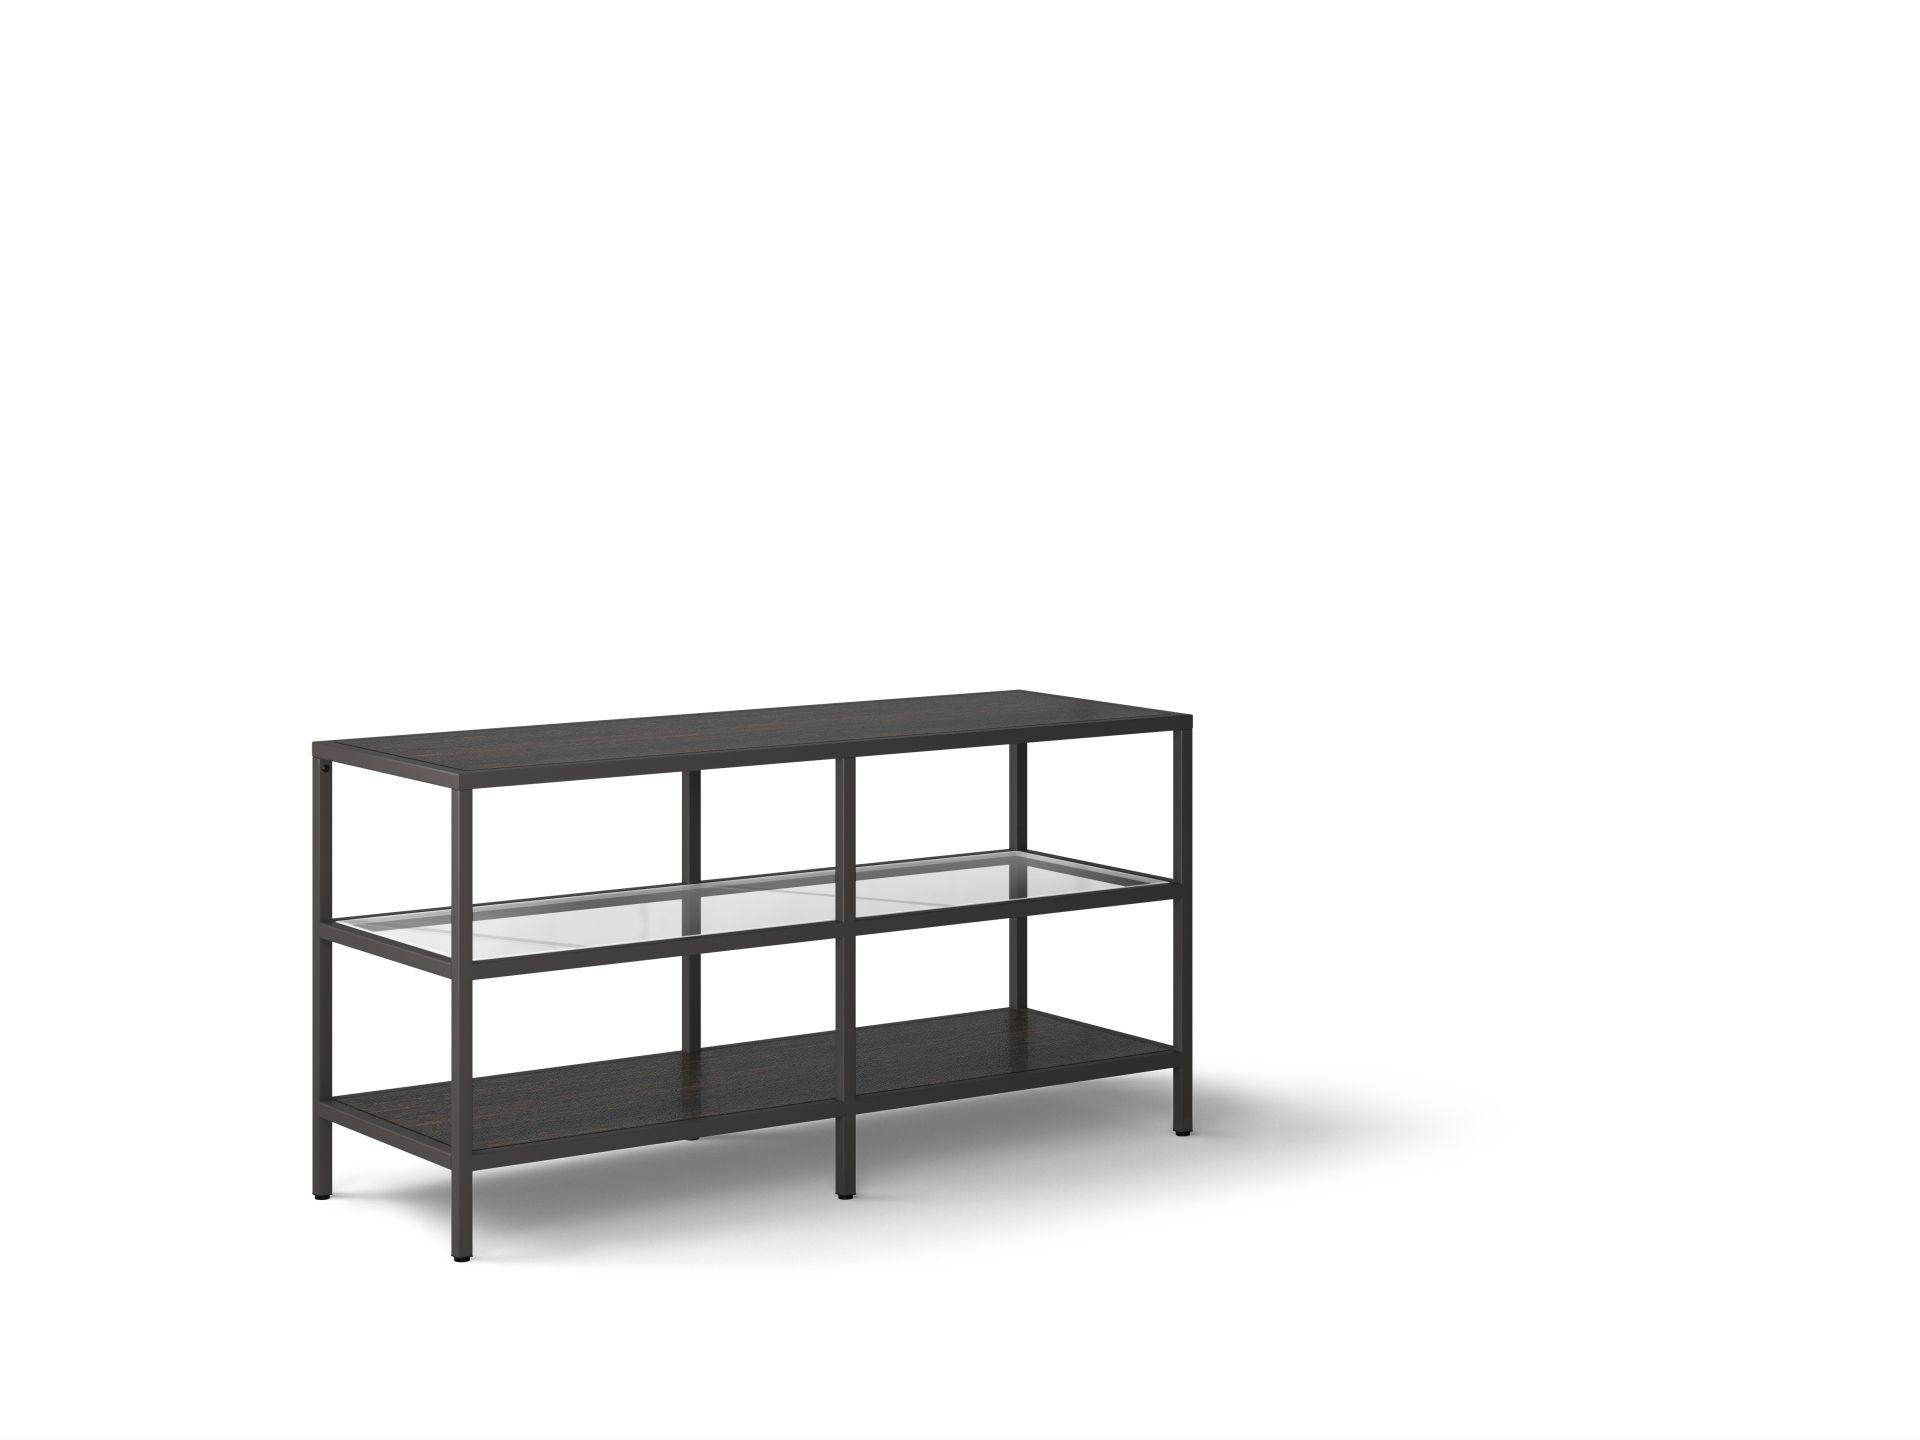 Glazen Tv Meubel Ikea.Vittsjo Tv Meubel Zwartbruin Glas Accessoires 100